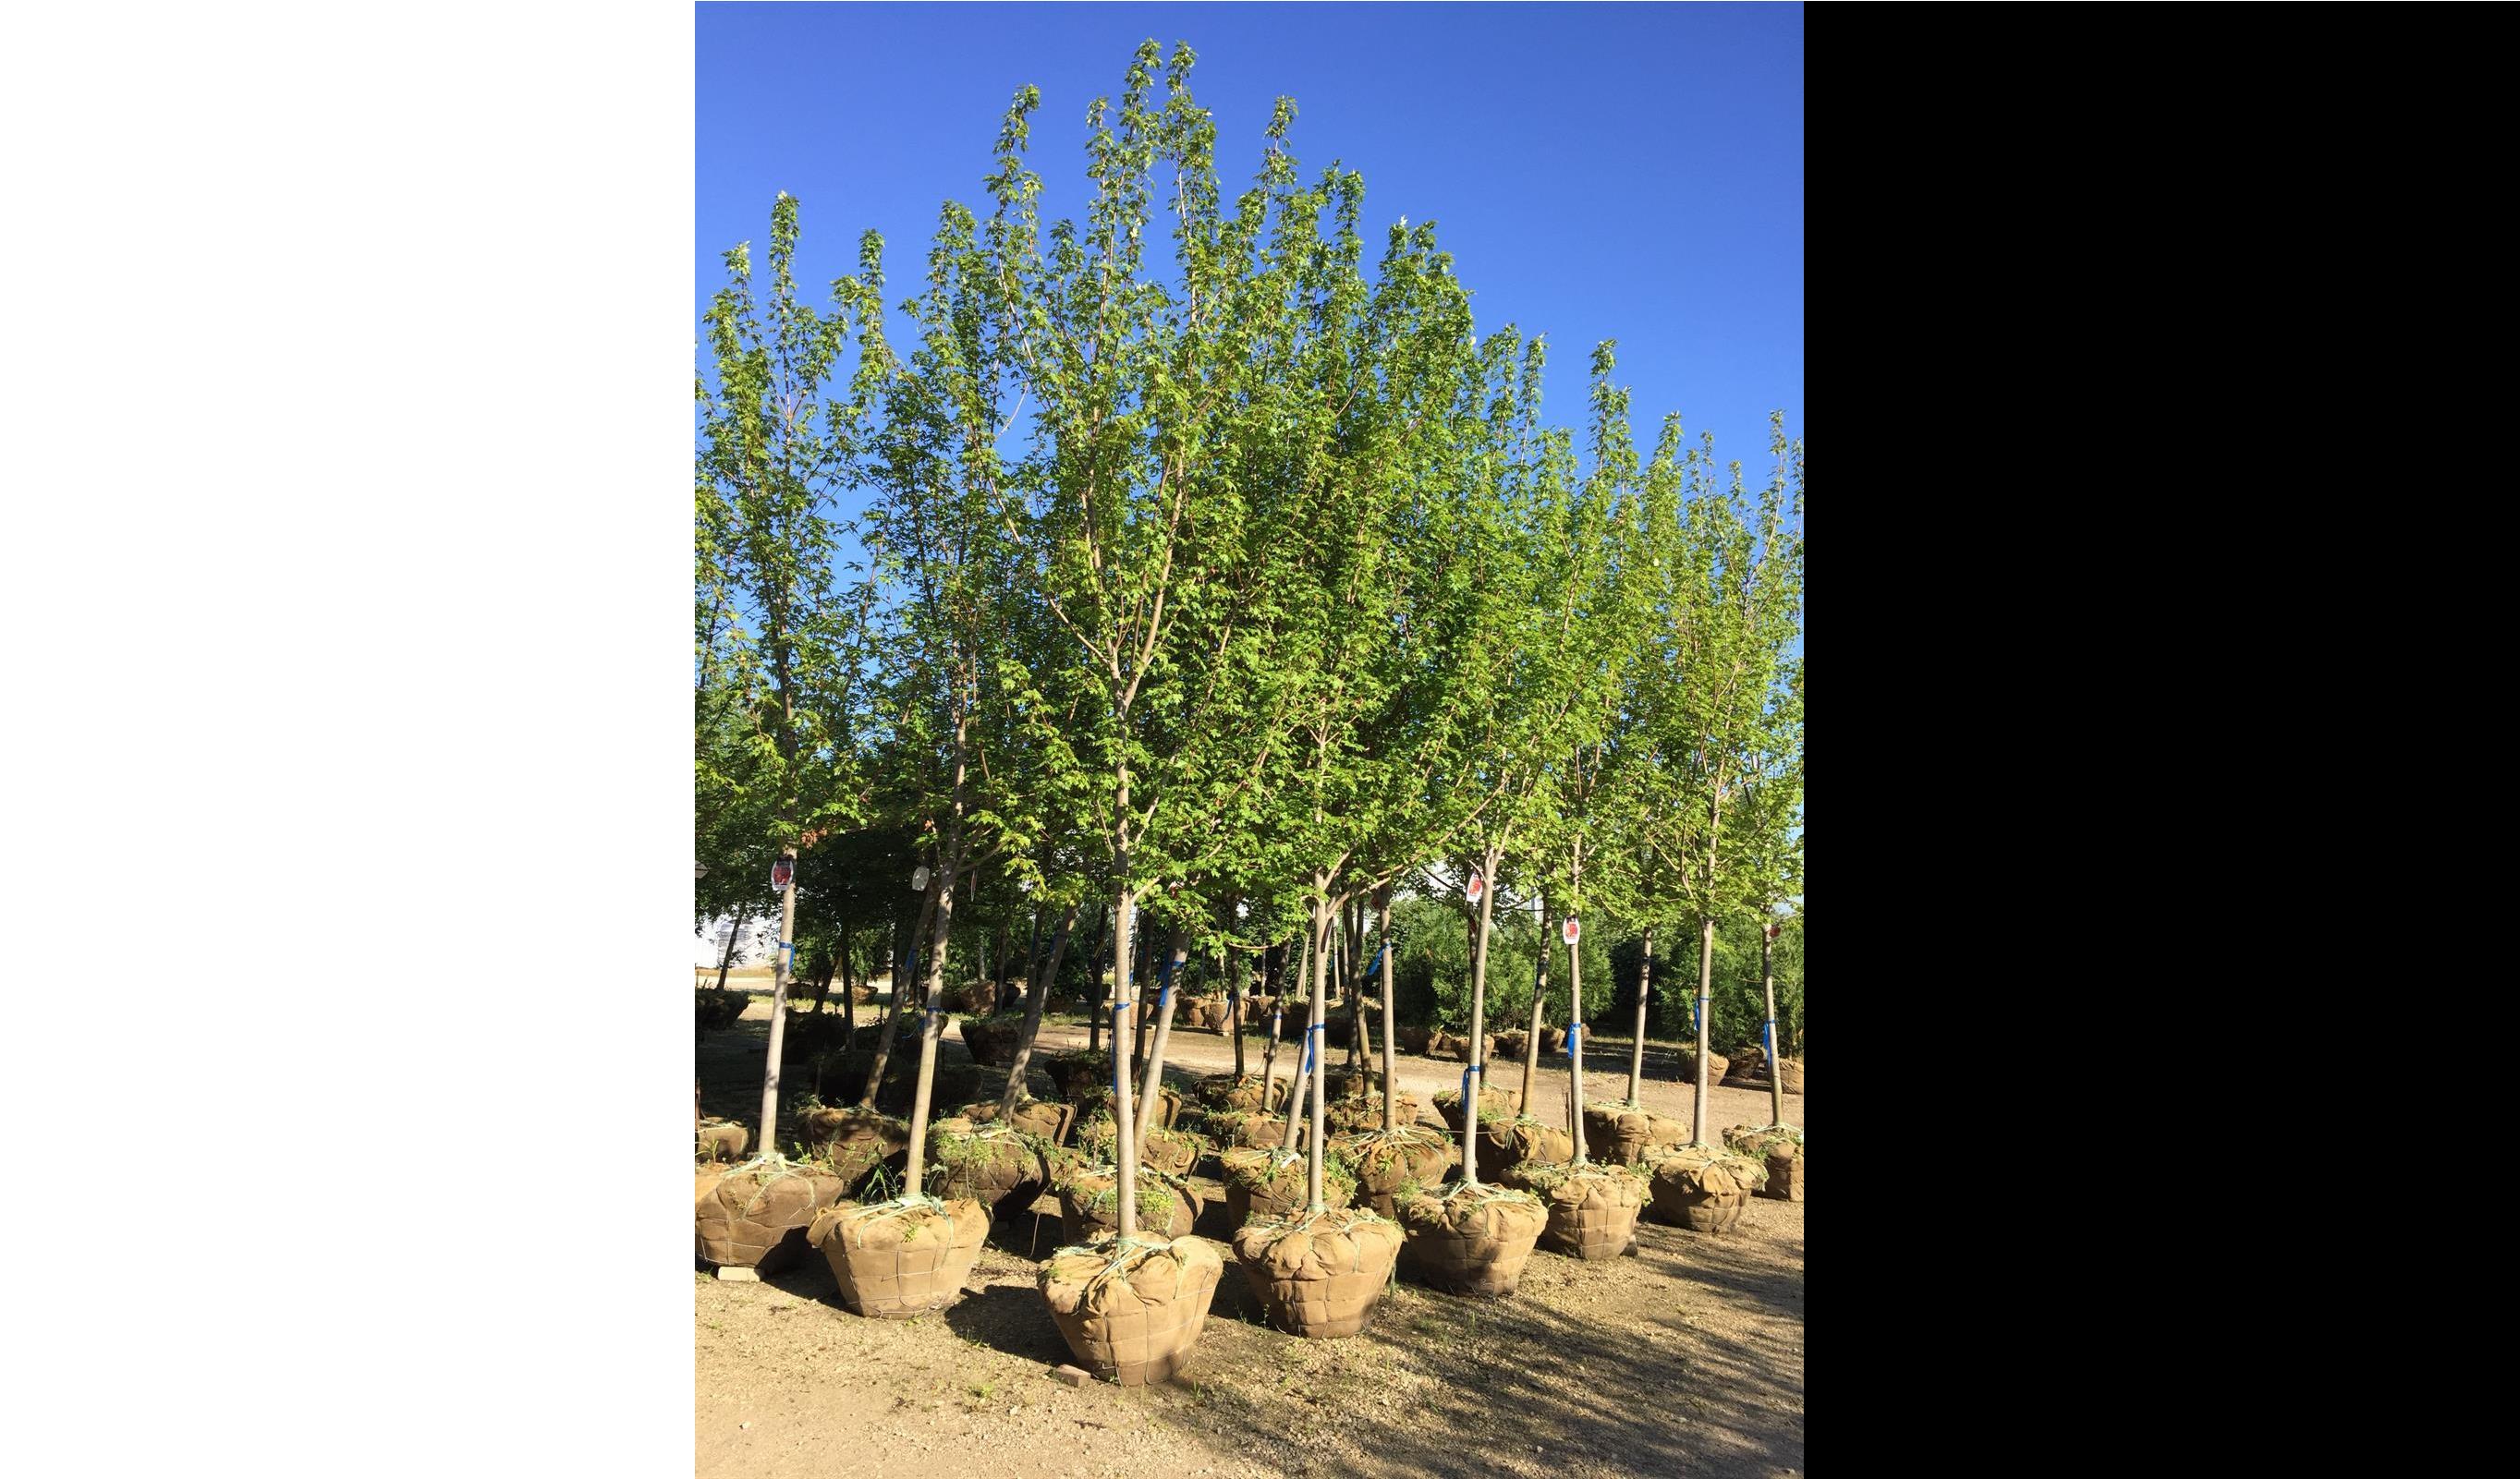 Trees_Nursery_Plants